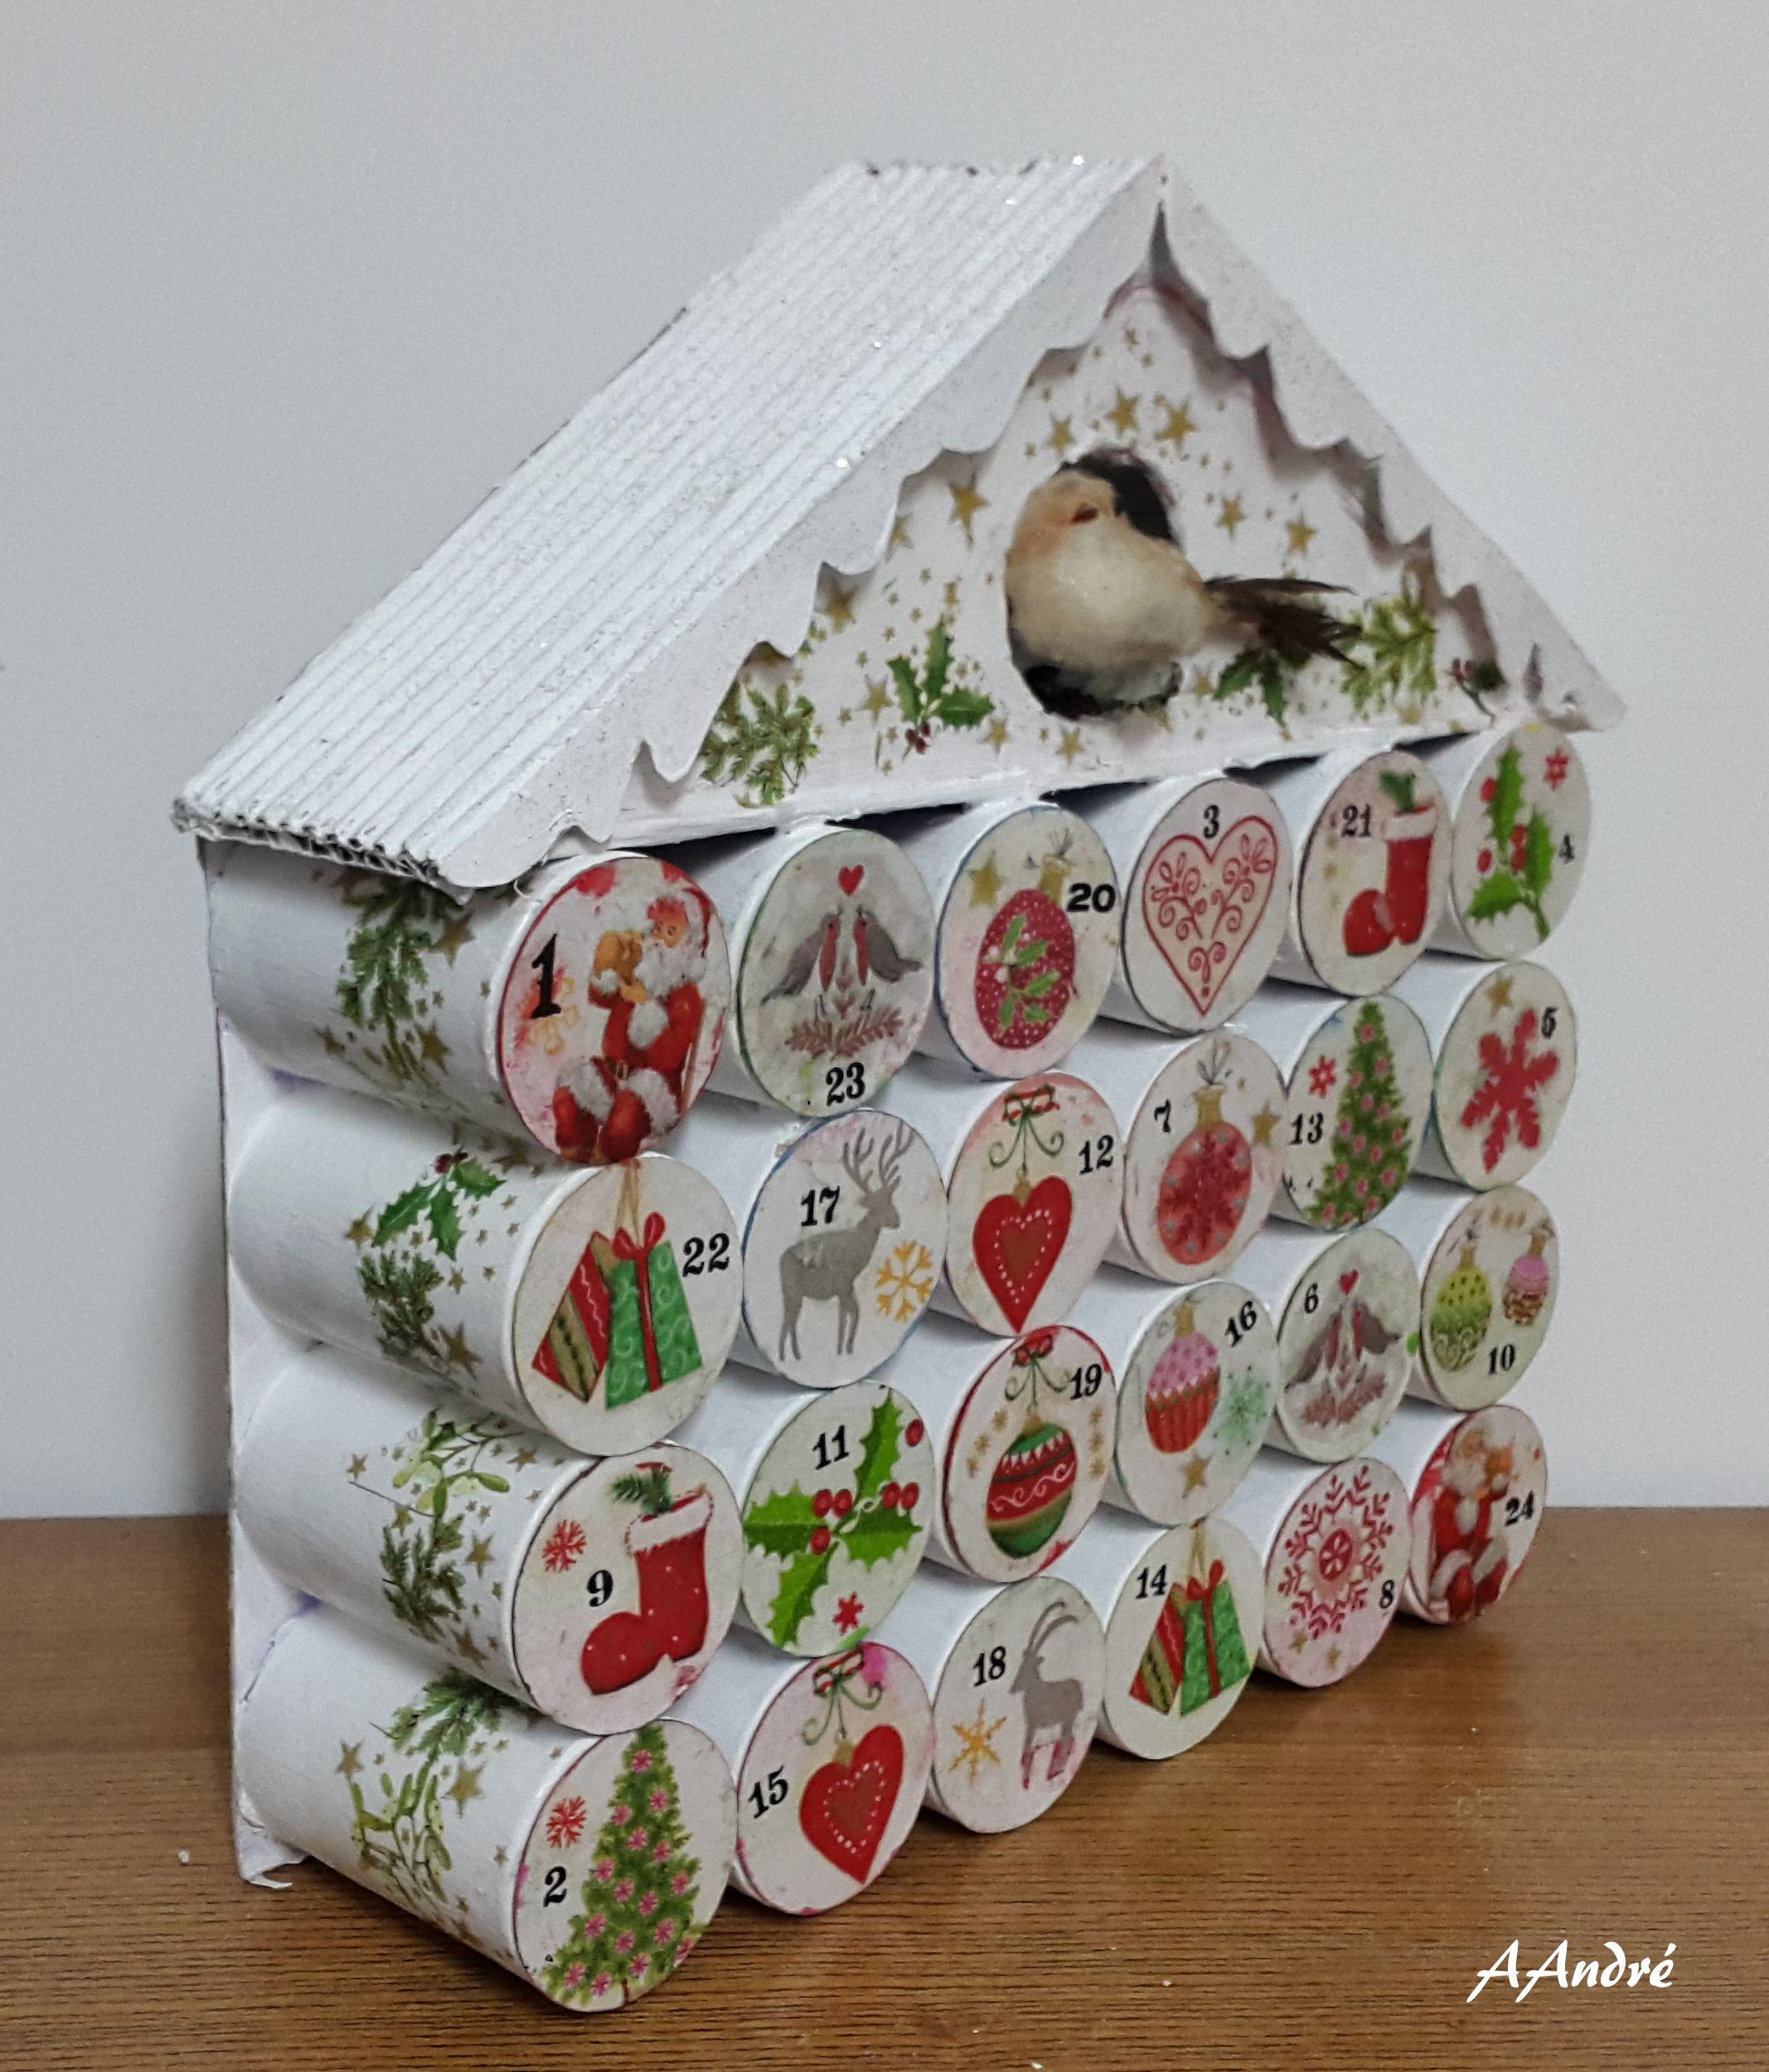 fleur de patch pinterest tubes en carton calendrier de et avent. Black Bedroom Furniture Sets. Home Design Ideas